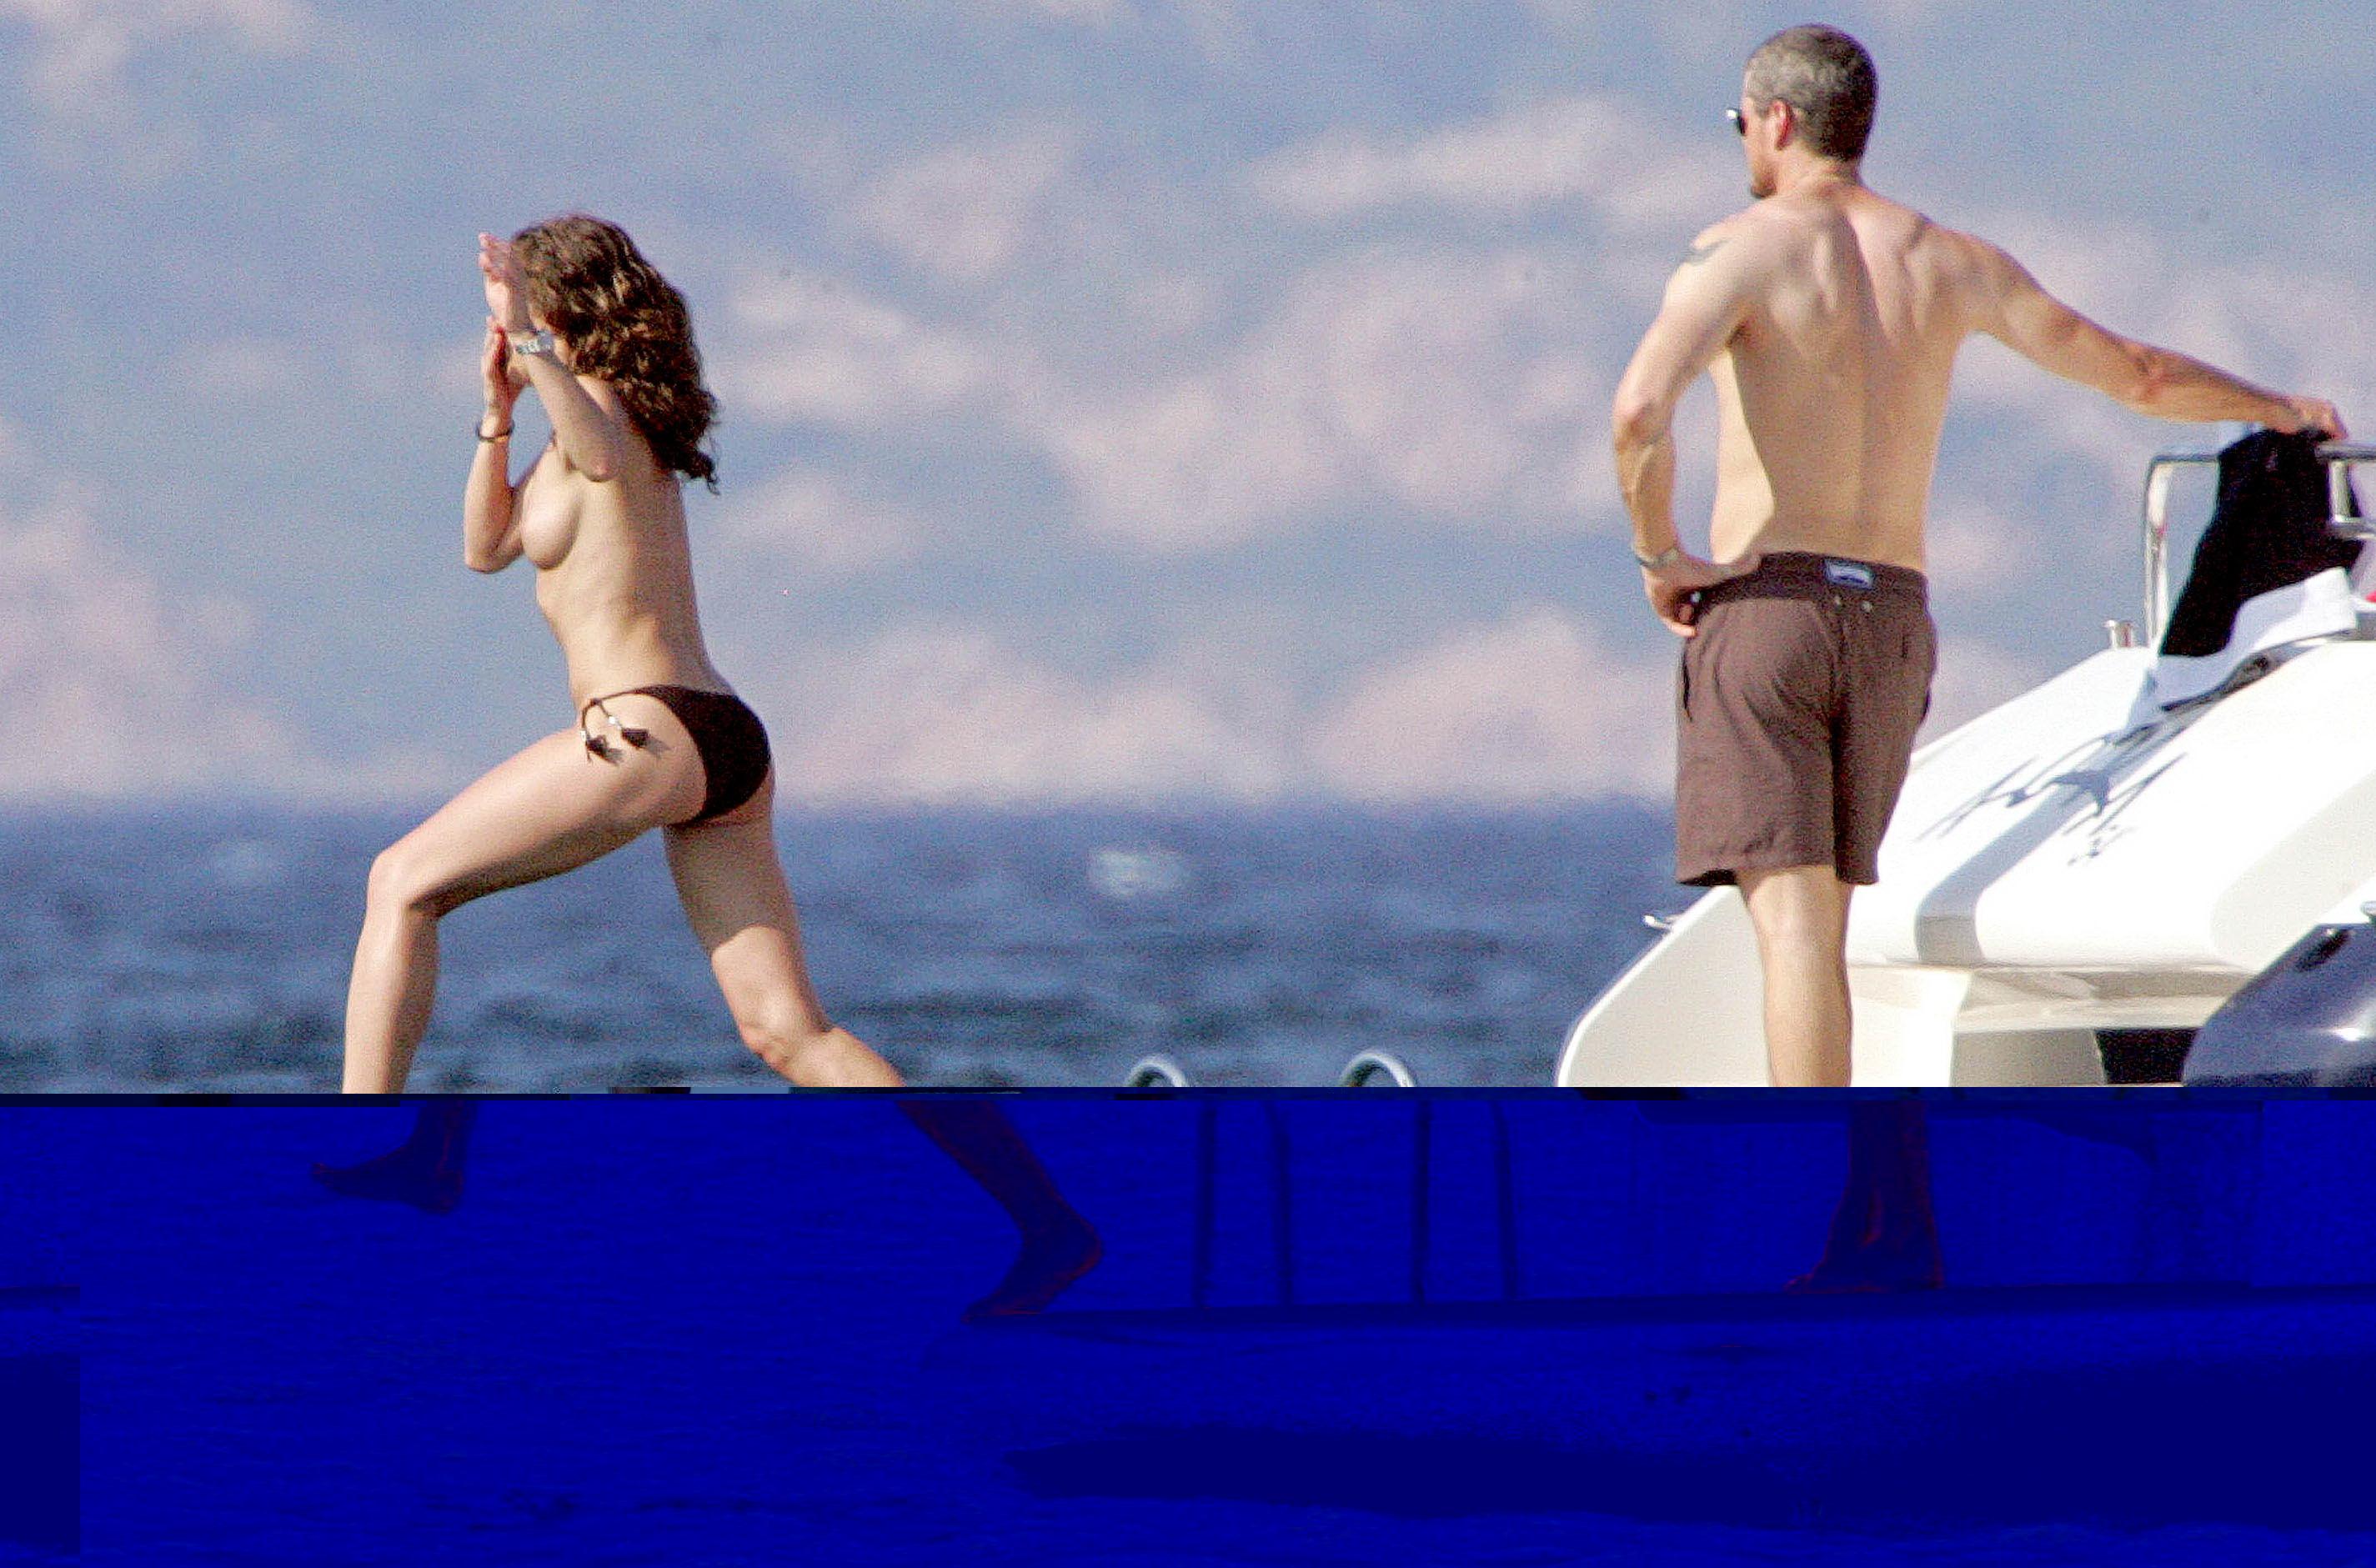 Eric Dane Sex Tape 3sum - XVIDEOSCOM